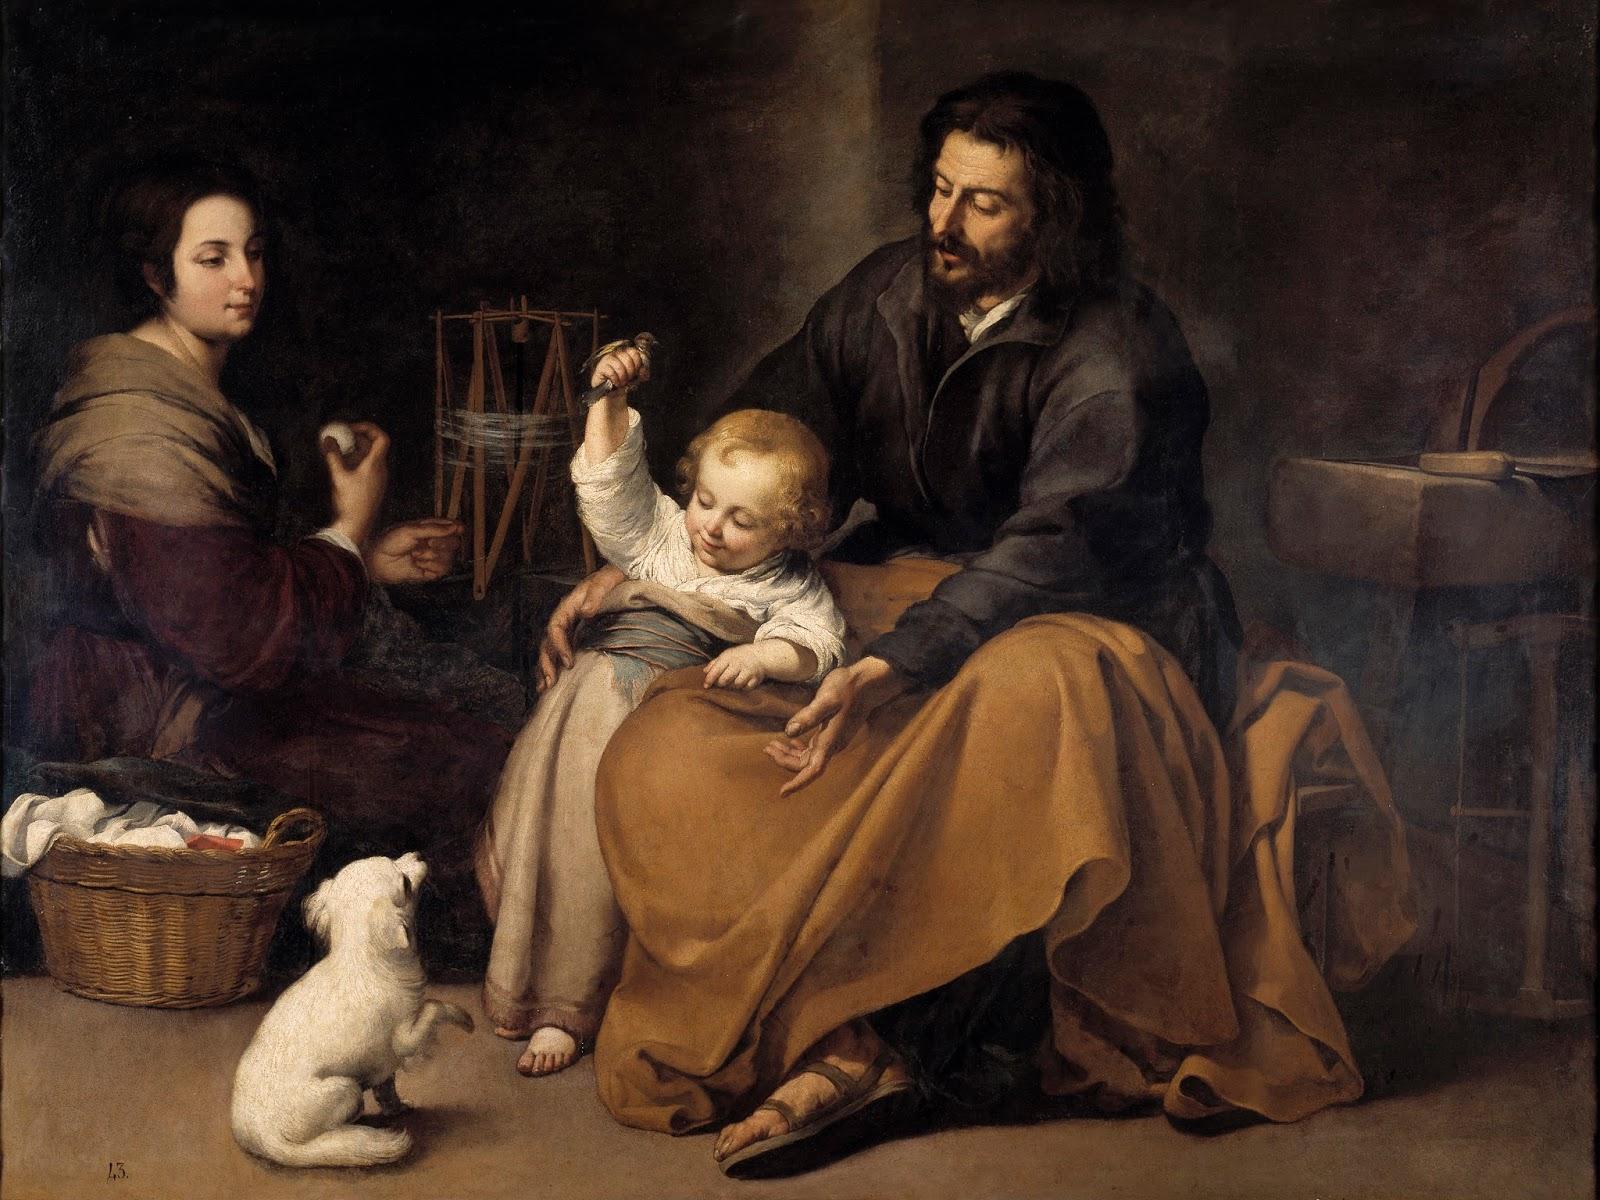 El Evangelio Comentado: Jesús nace de una madre virgen (Mt 1,18-24)